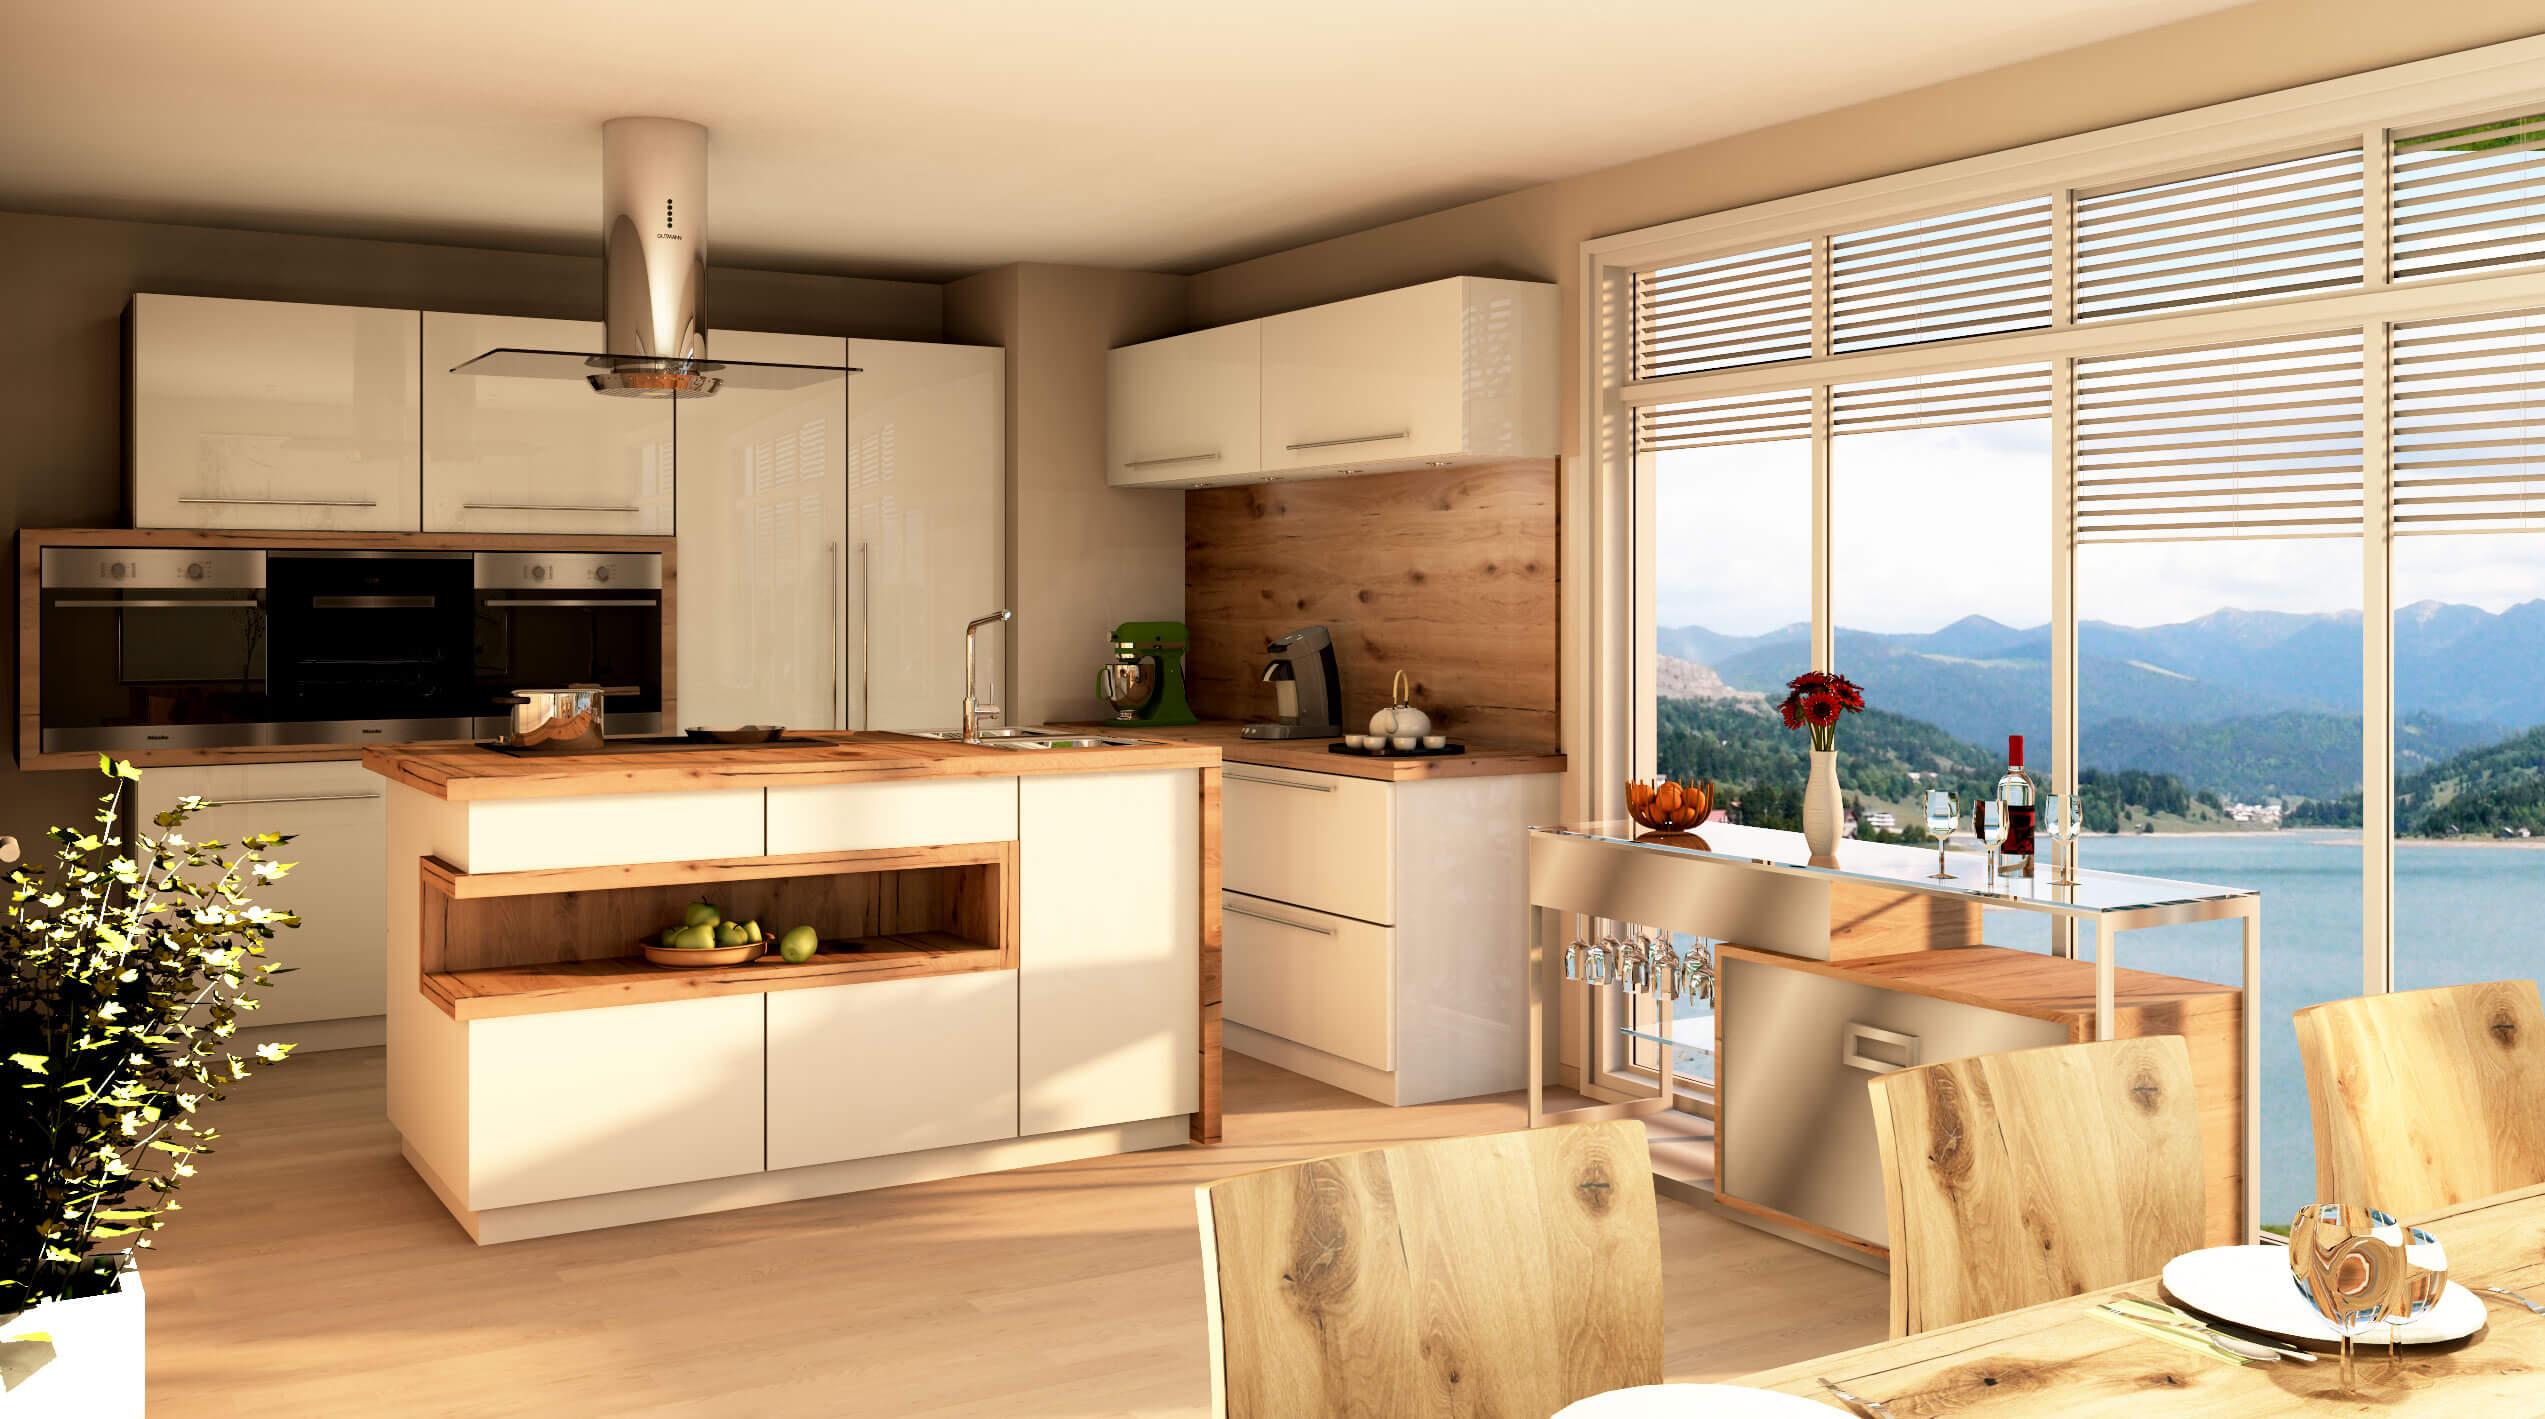 Kuchnia nowoczesna wykonana w paletteCAD program do projektowania kuchni